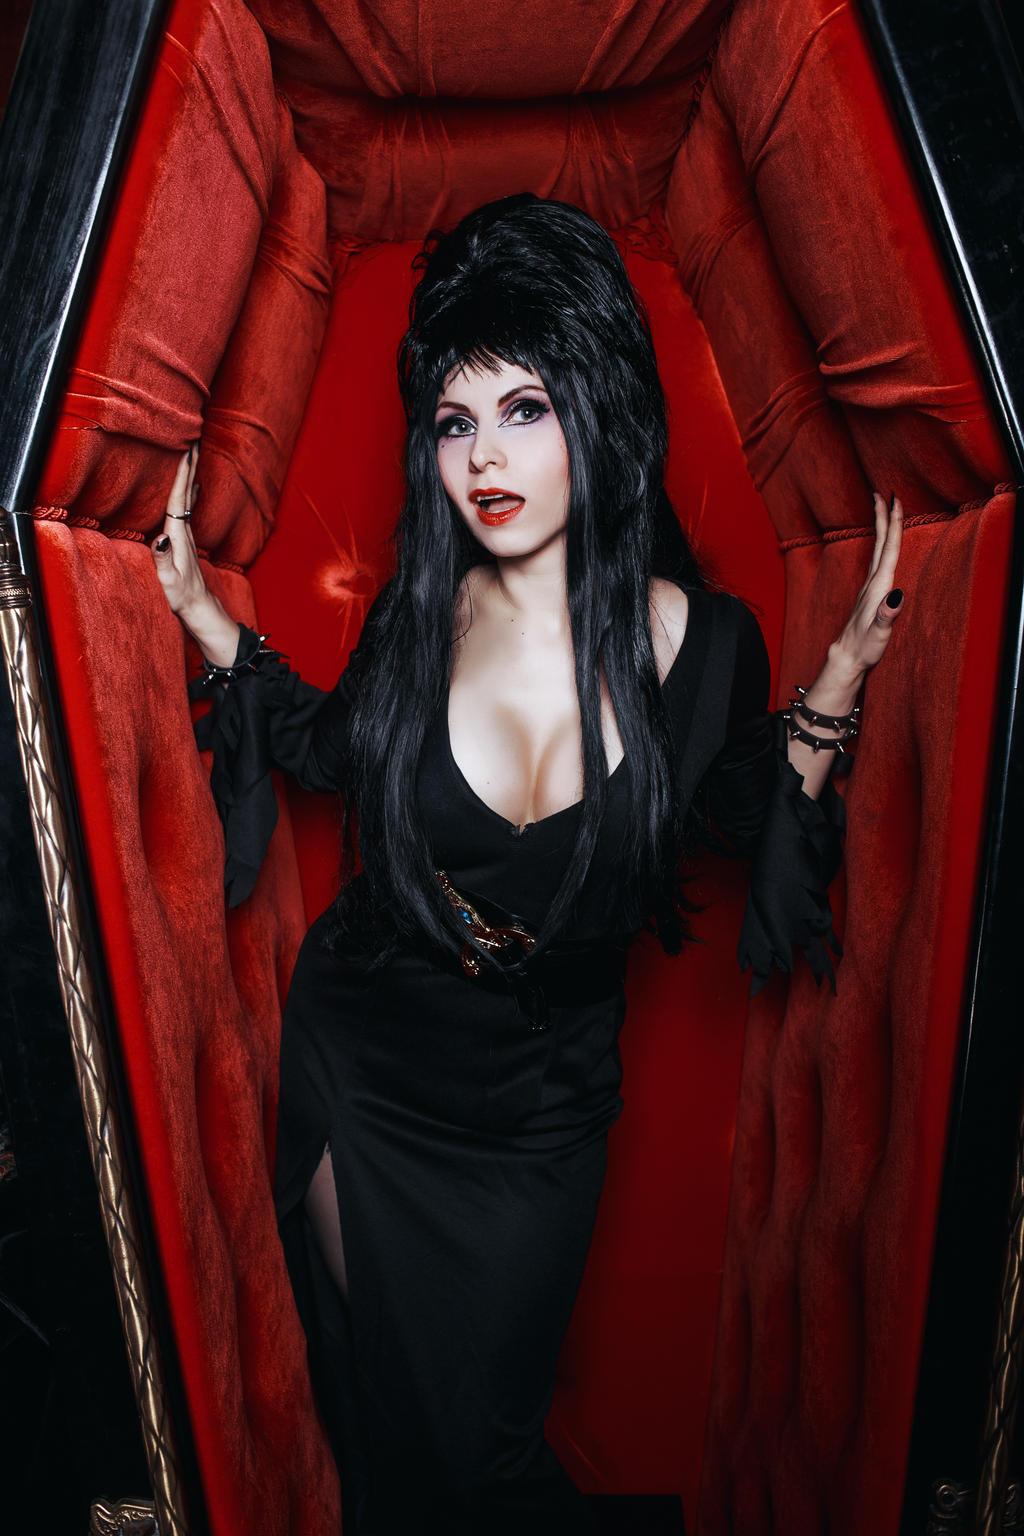 Elena-NeriumOleander's Profile Picture